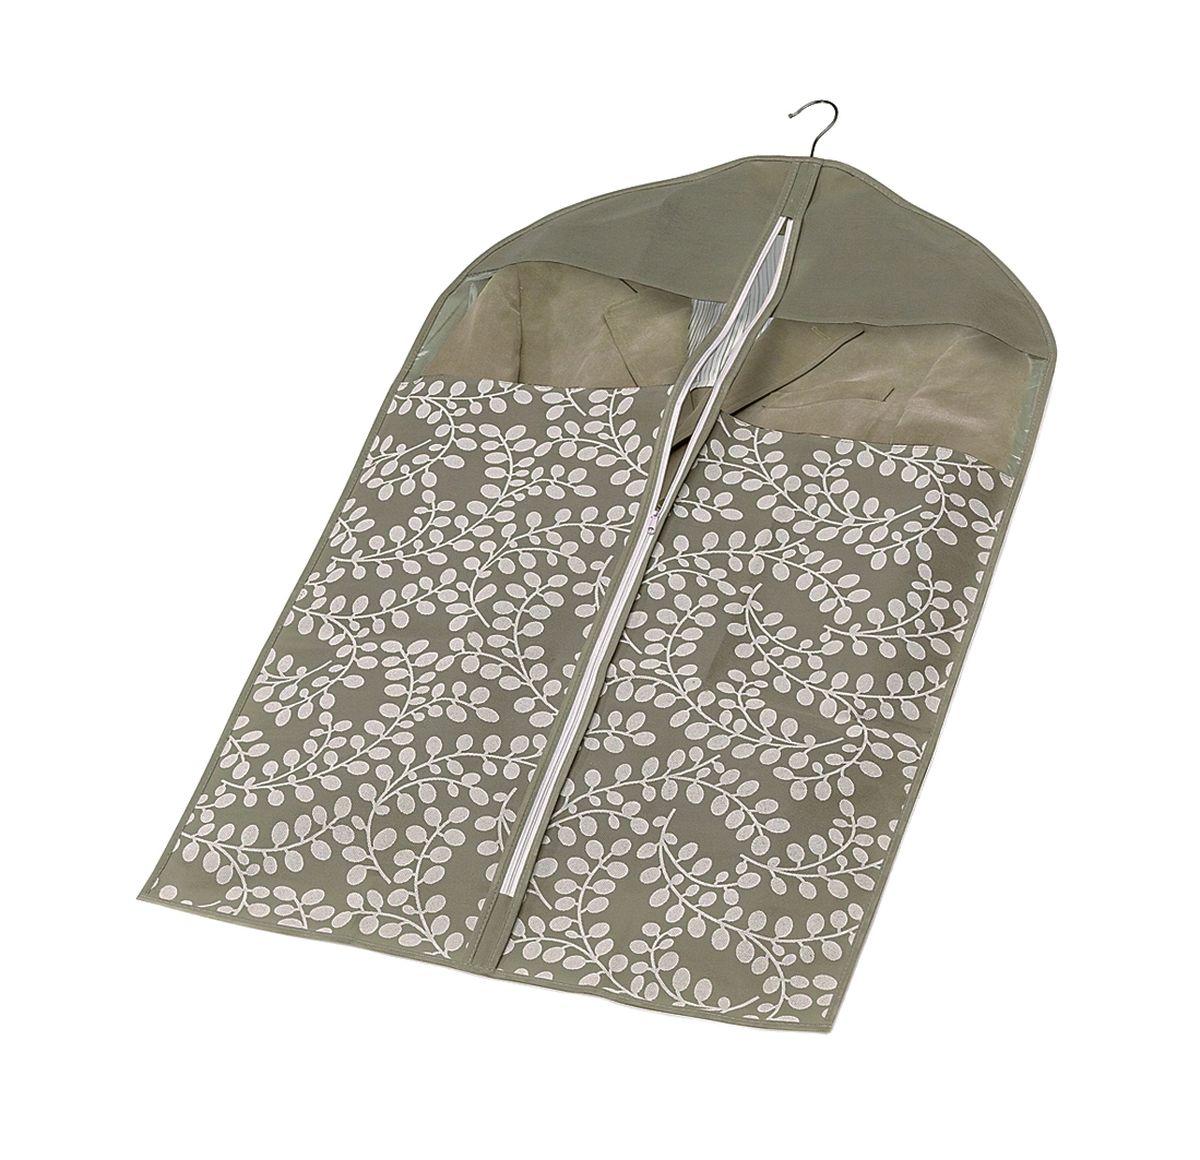 Чехол для пиджака с молнией 100*60см Флораль. COVLCATF20100-49000000-60Легкий чехол из дышащего нетканого материала (полипропилен), безопасного в использовании, для курток, пиджаков и жакетов. Имеет два прозрачных окна, замок и специальное отверстие для крючка вешалки. Материал можно протирать в случае загрязнения влажной салфеткой или тряпкой. Надежно защищает от пыли, моли, солнечных лучей и загрязнения.